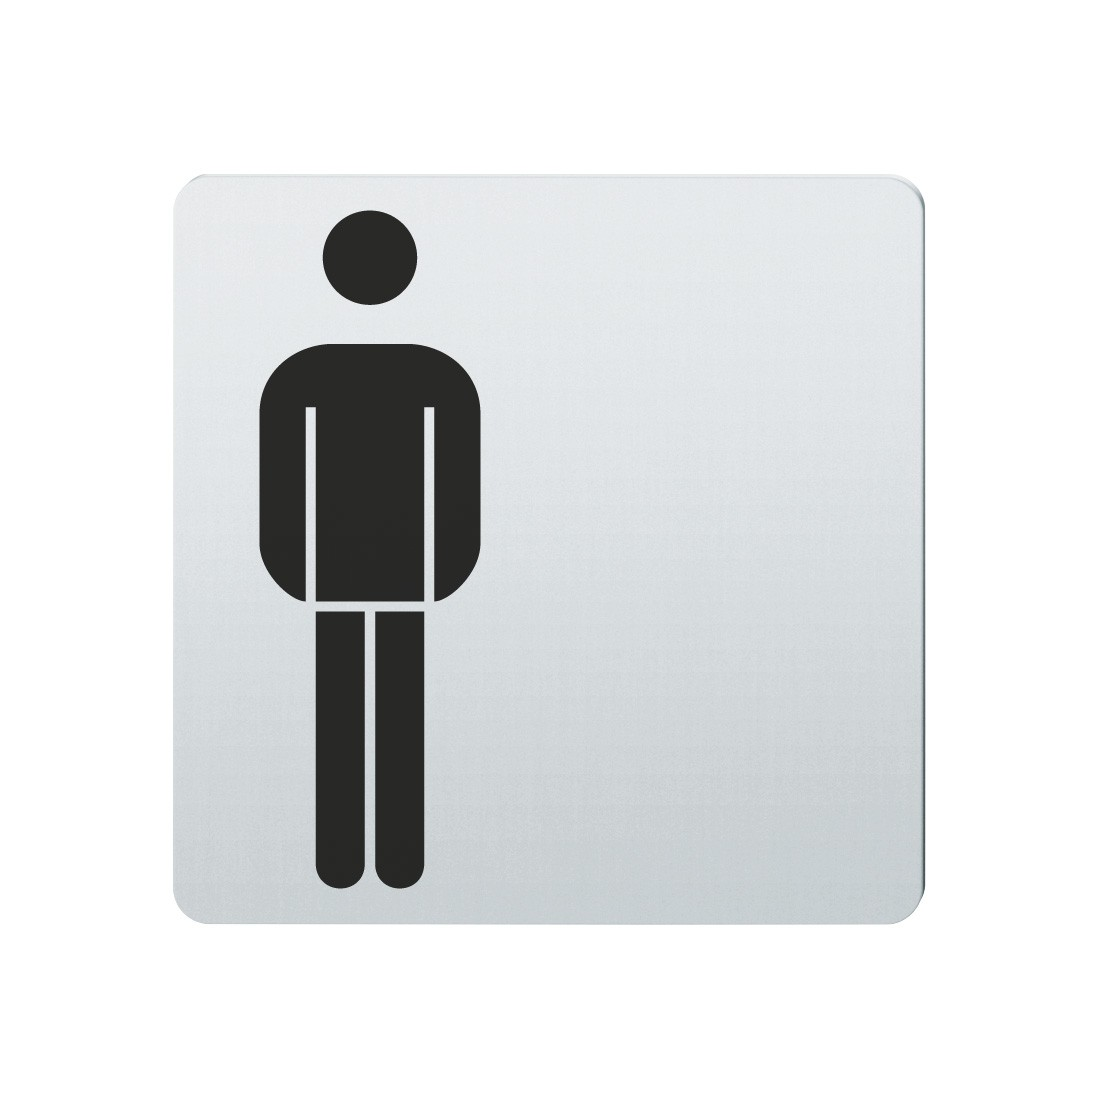 FSB Hinweiszeichen Toilette Herren Lasergraviert Edelstahl fein matt (0 36 4059 00101 6204)